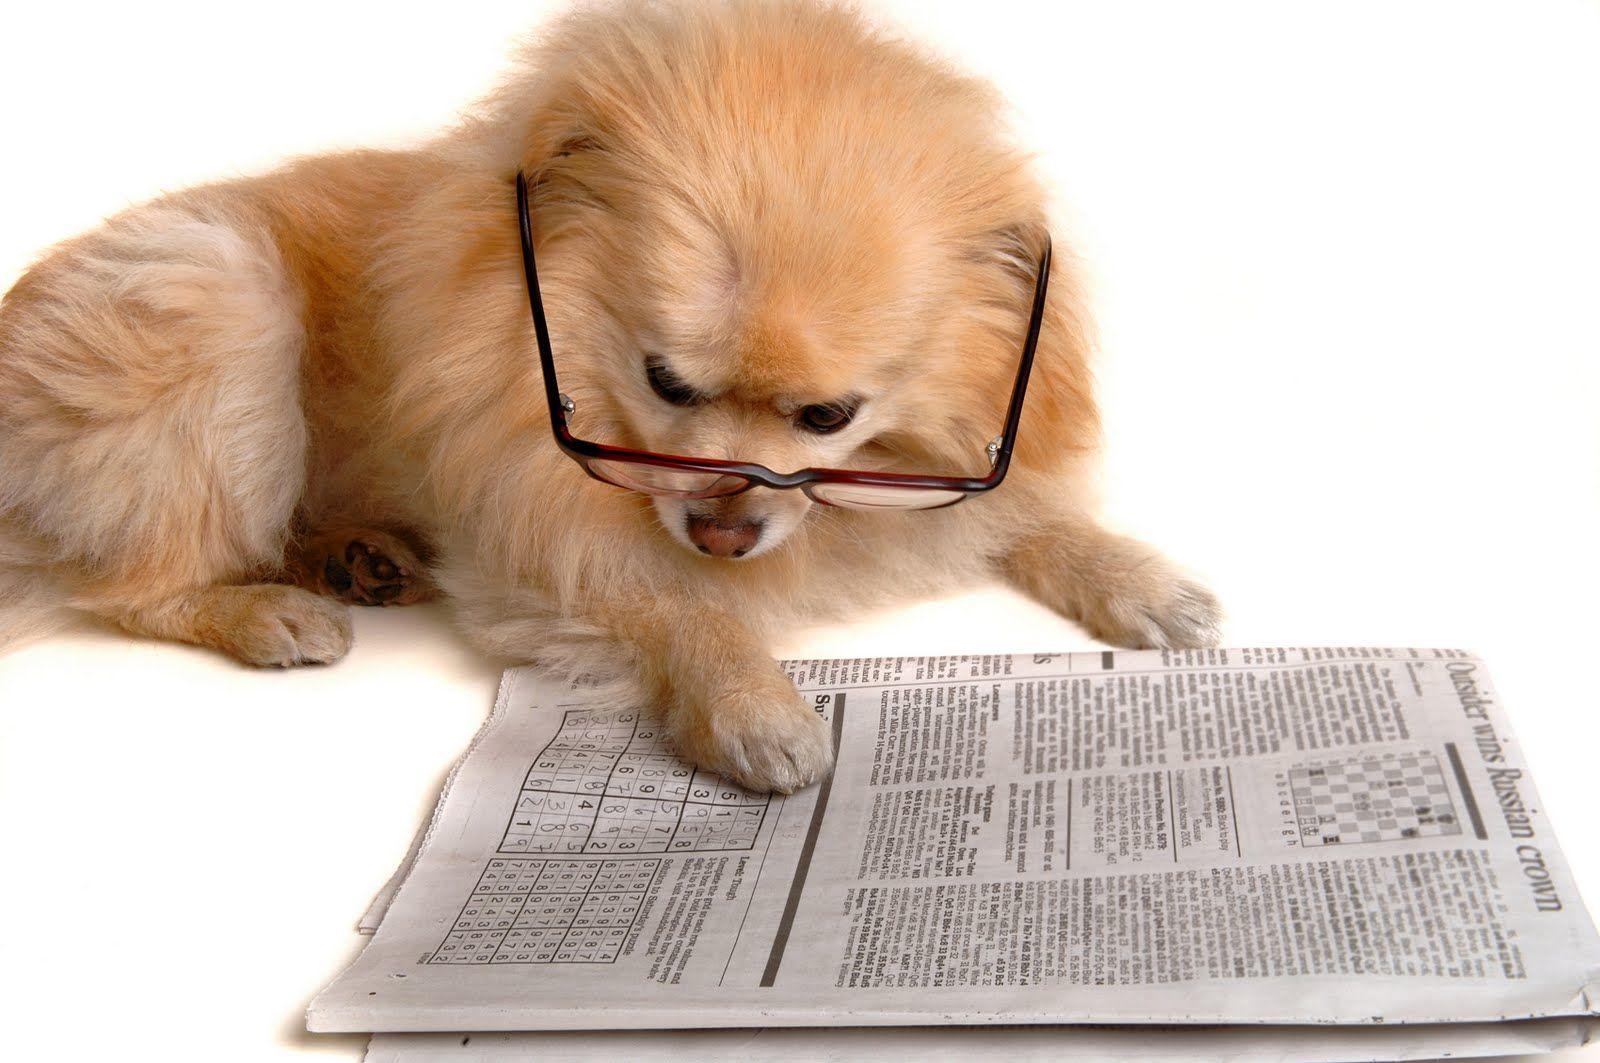 Hình ảnh chú chó đọc sách dễ thương